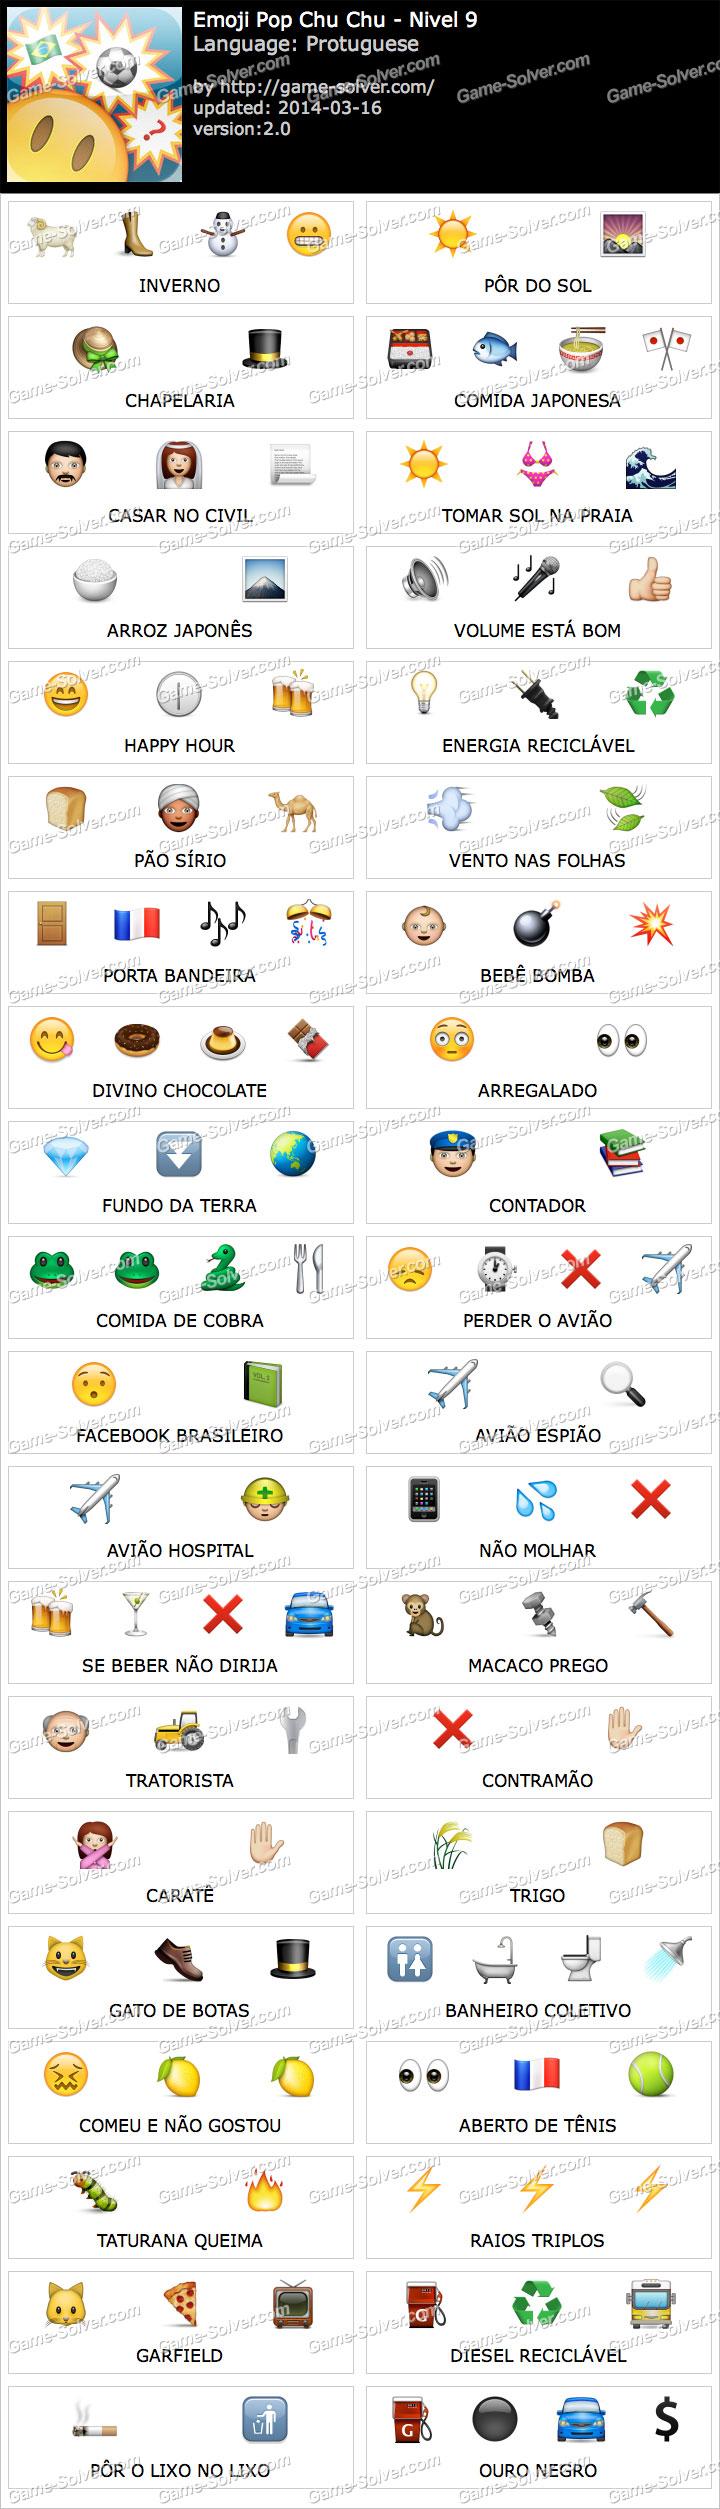 Emoji ChuChu Nivel 9